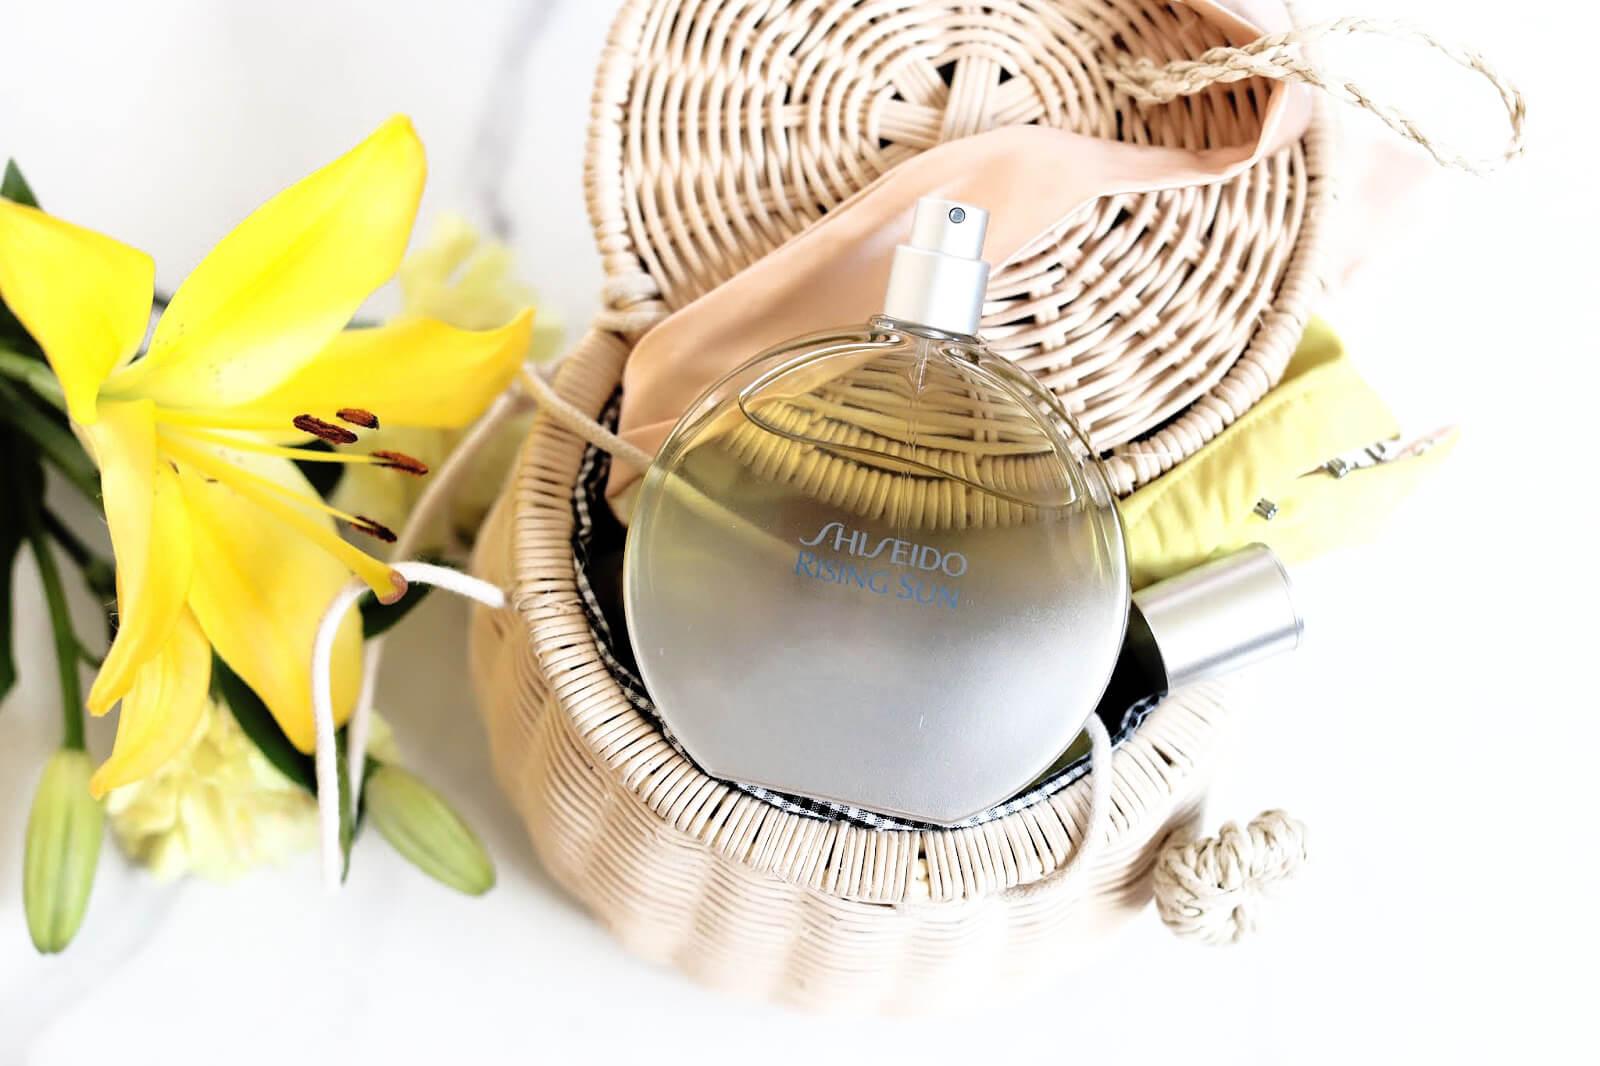 shiseido-rising-sun-parfum-de-plage-solaire-avis-test-critique